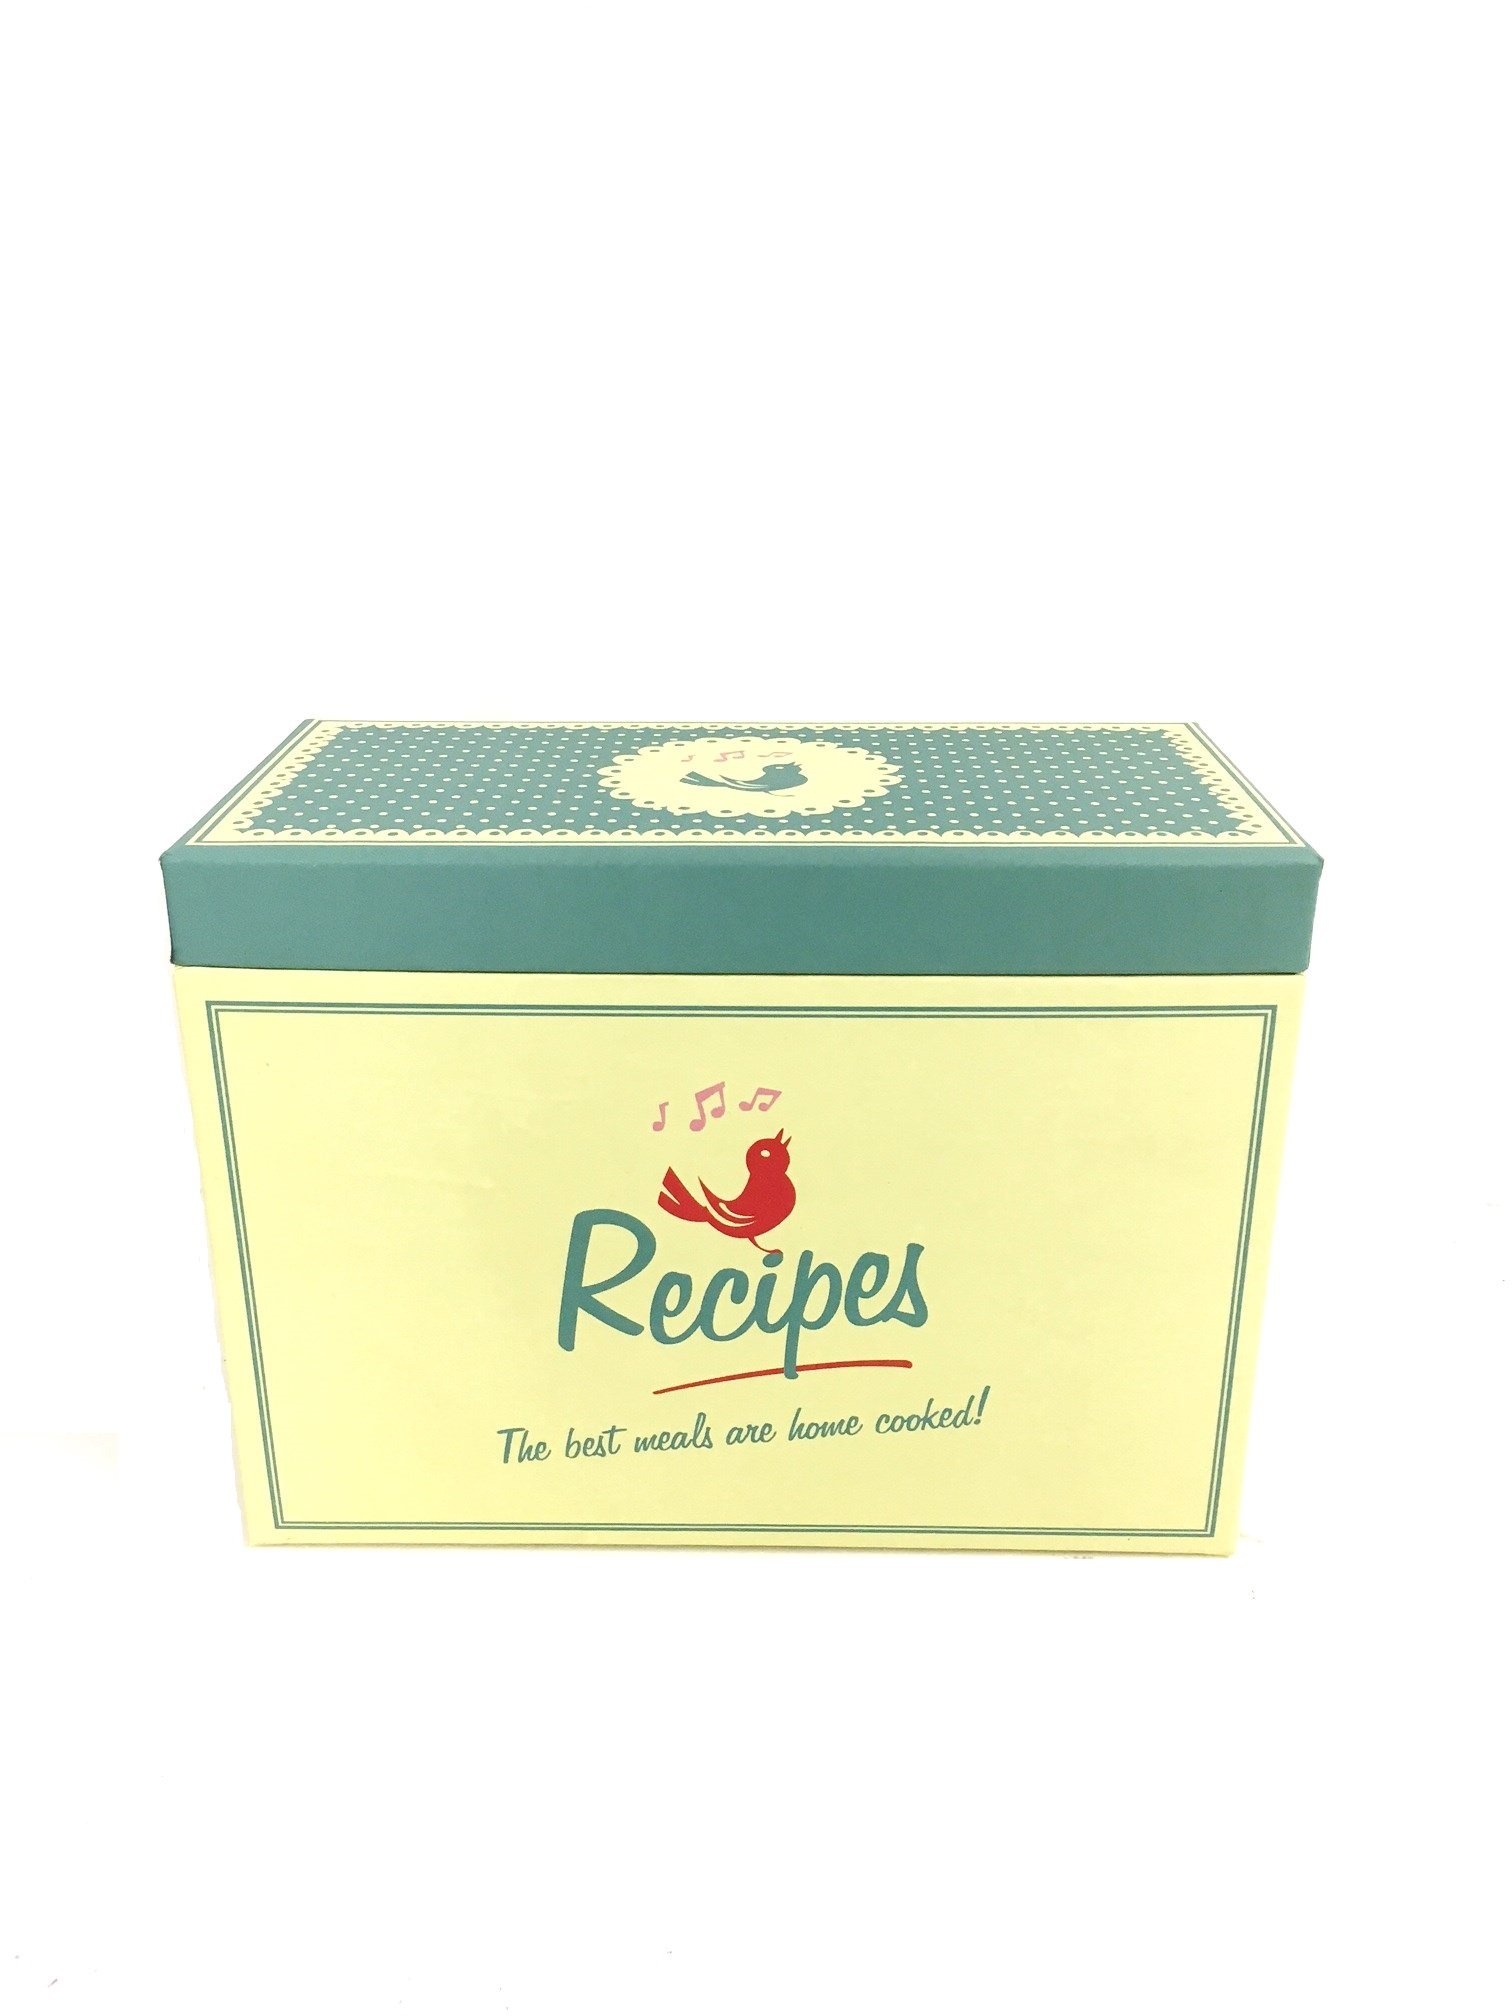 Caja de recetas con tarjeta de 6 separadores cocina unidad de almacenamiento: Amazon.es: Hogar